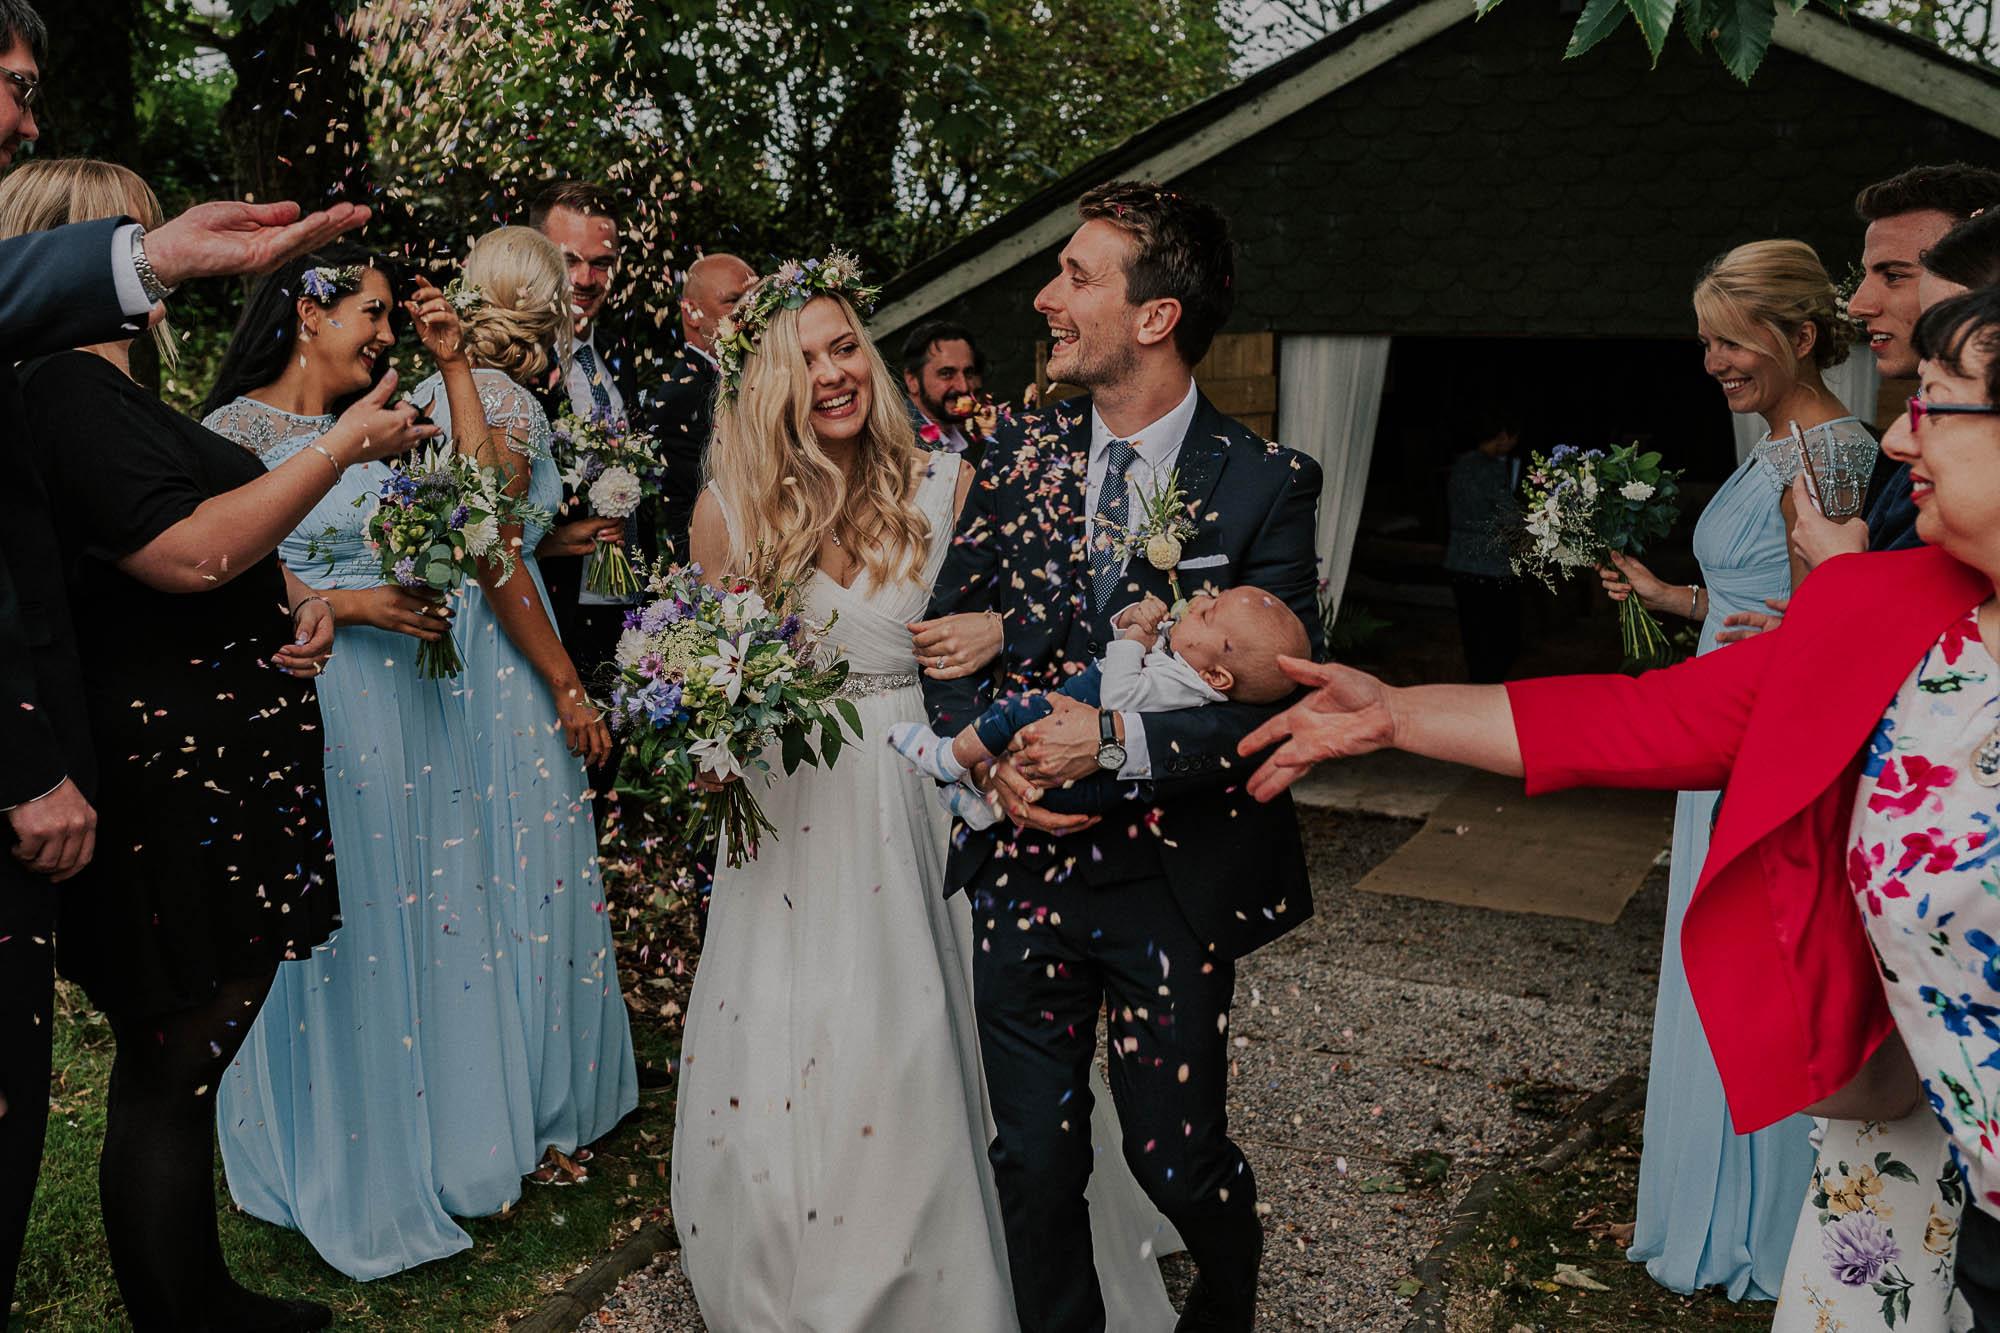 Victoria and Steve wedding confetti